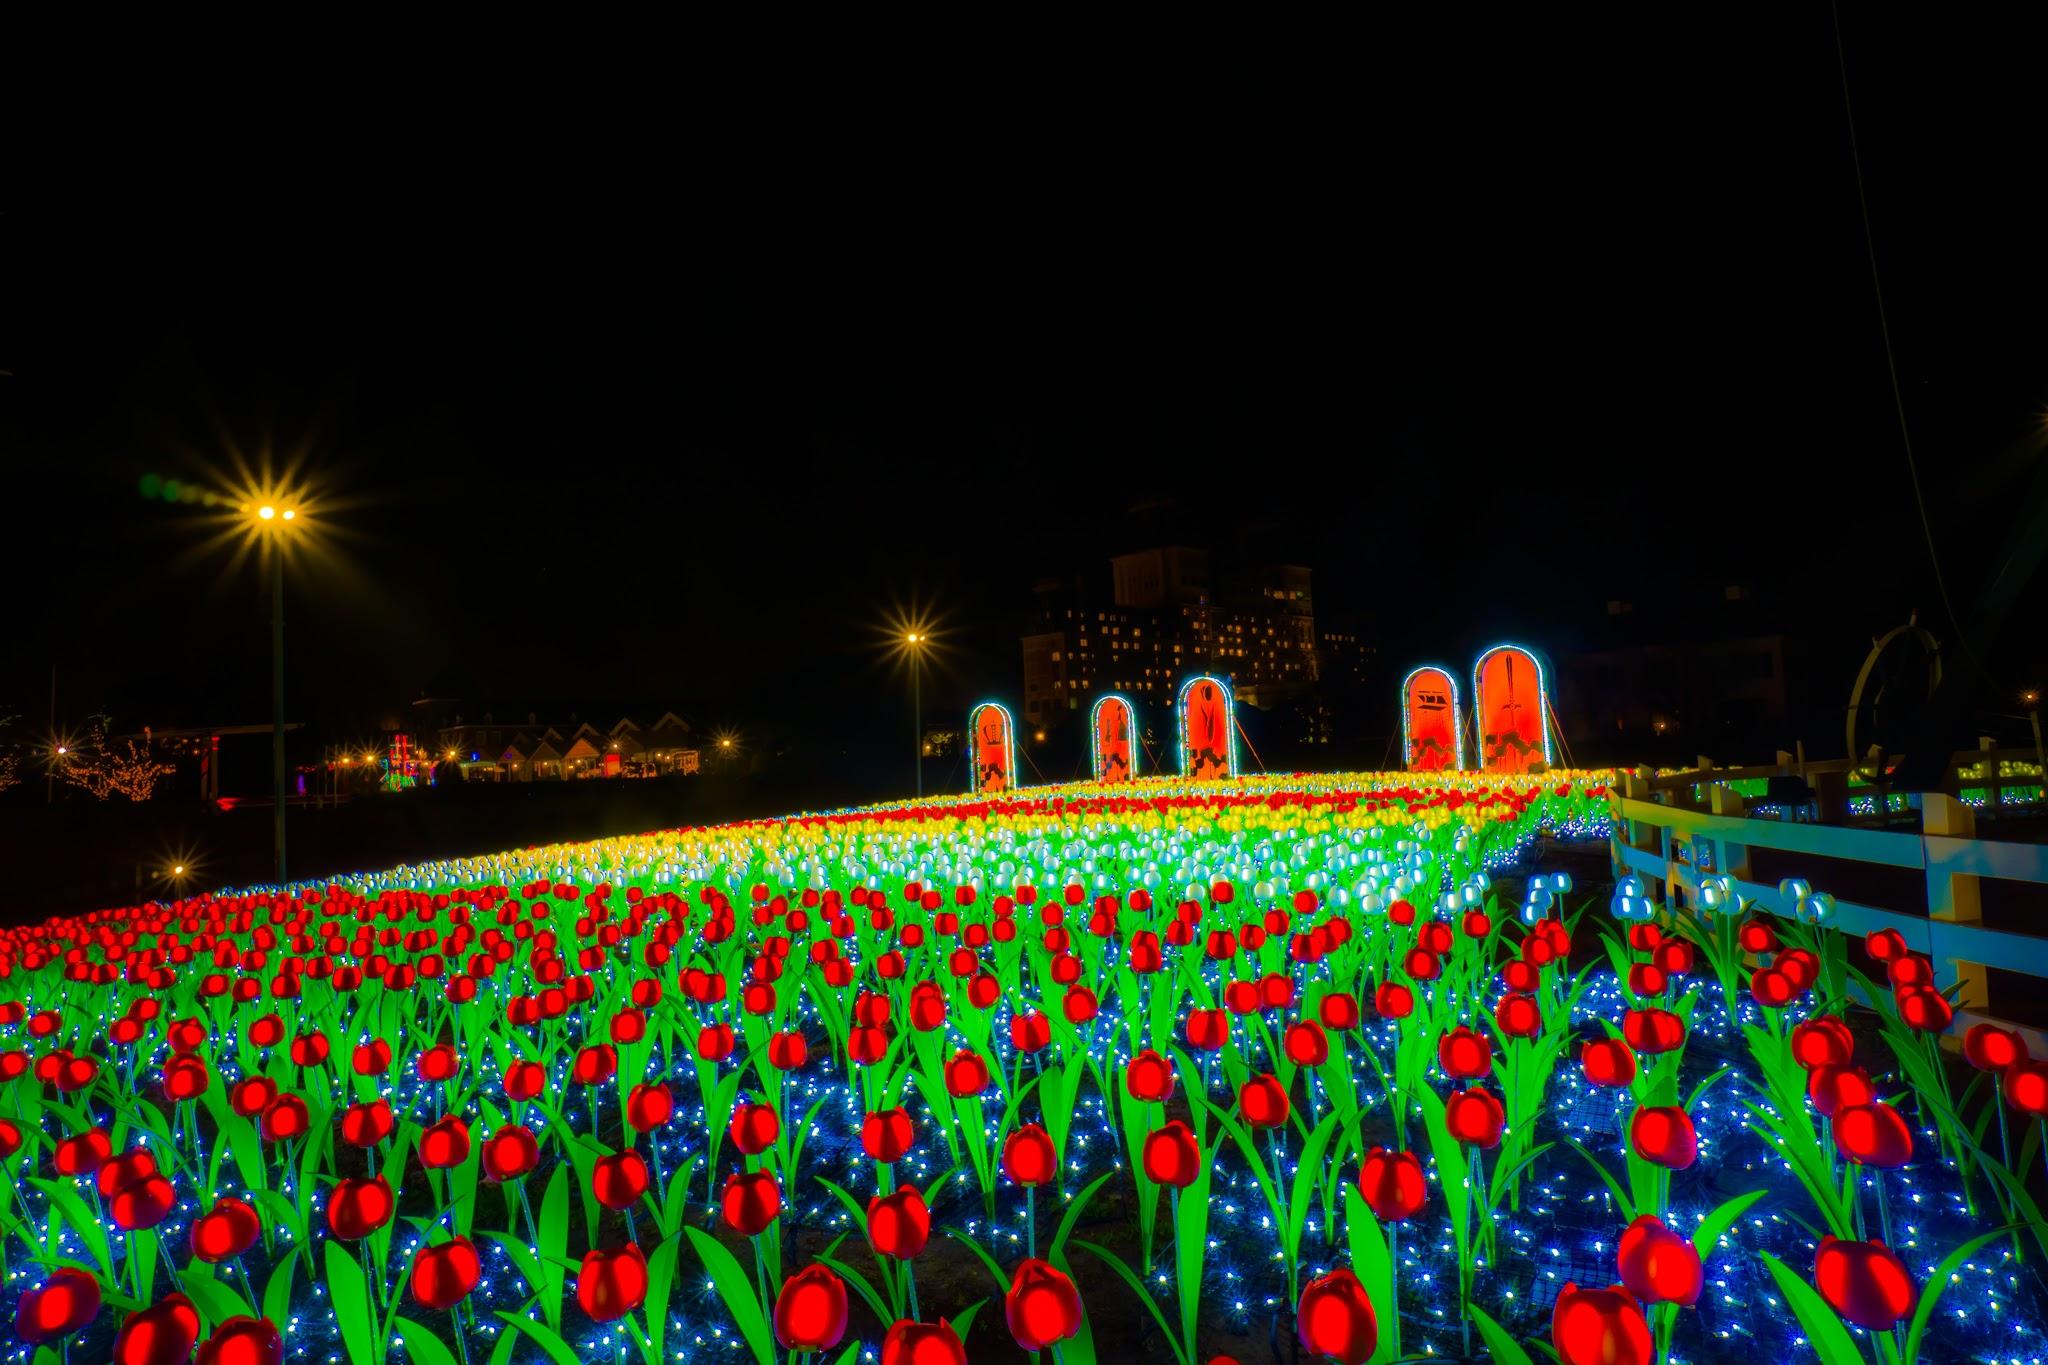 Huis Ten Bosch illumination Kingdom of light Tulip garden2